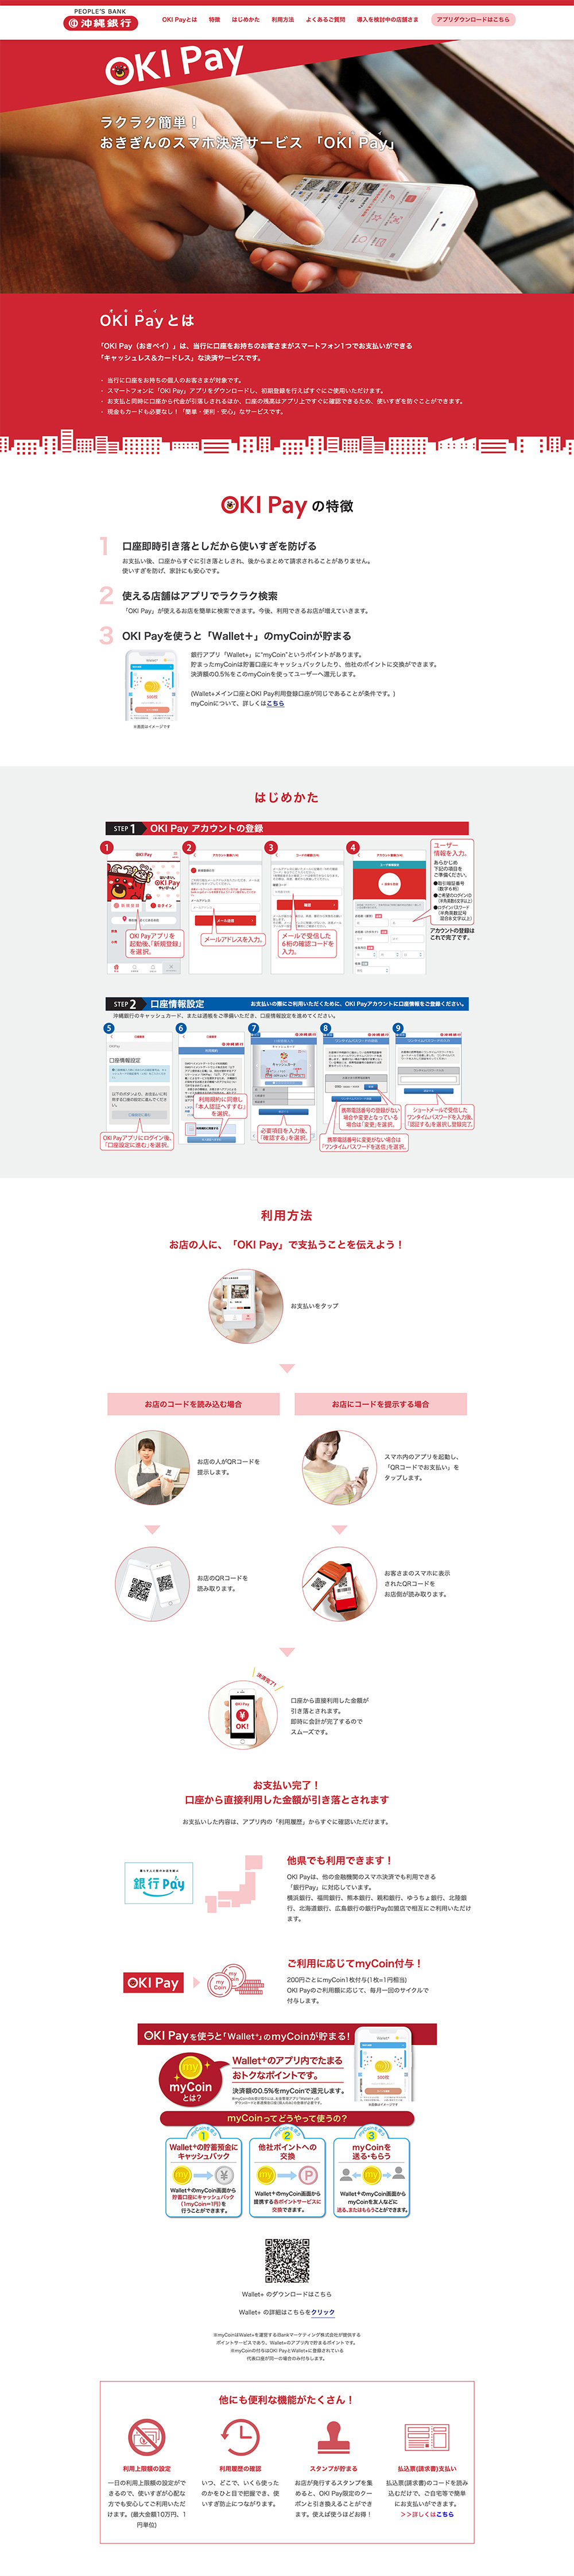 """沖縄銀行 キャッシュレス 決済サービス""""OKI PAY"""" LP"""